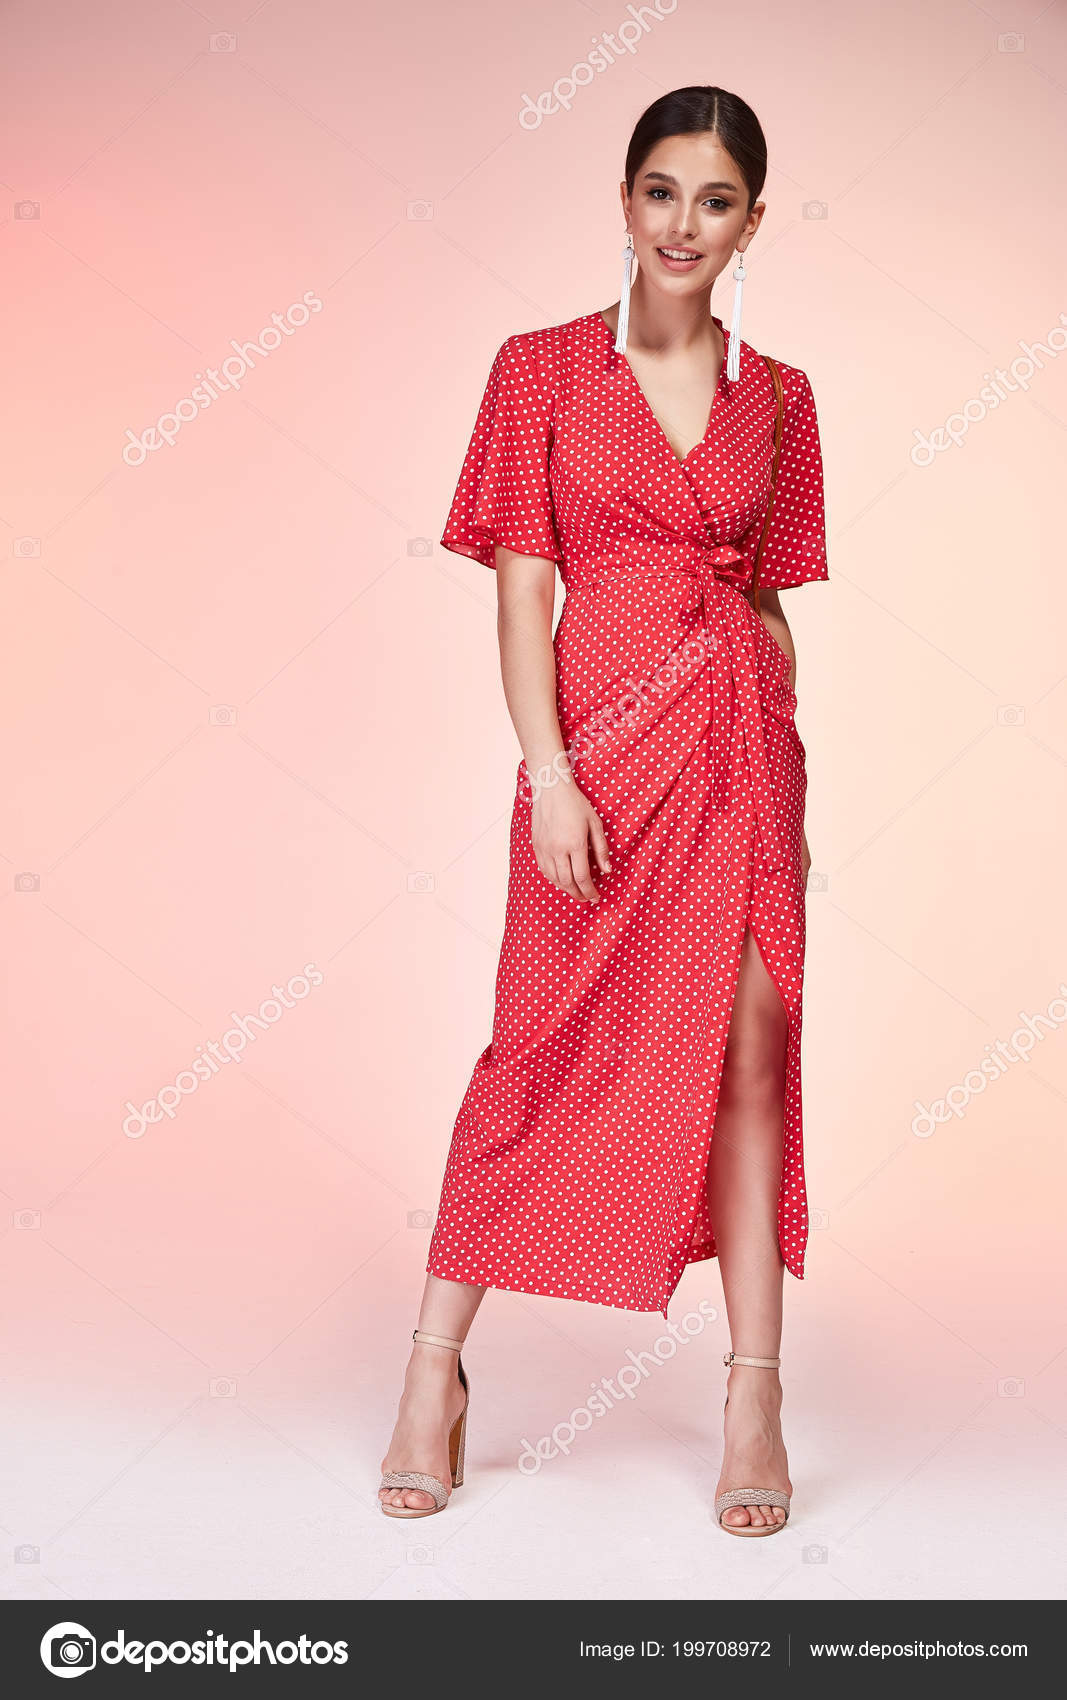 huge selection of 59897 699be Capelli Bruna Bella Giovane Donna Elegante Sexy Con Trucco ...